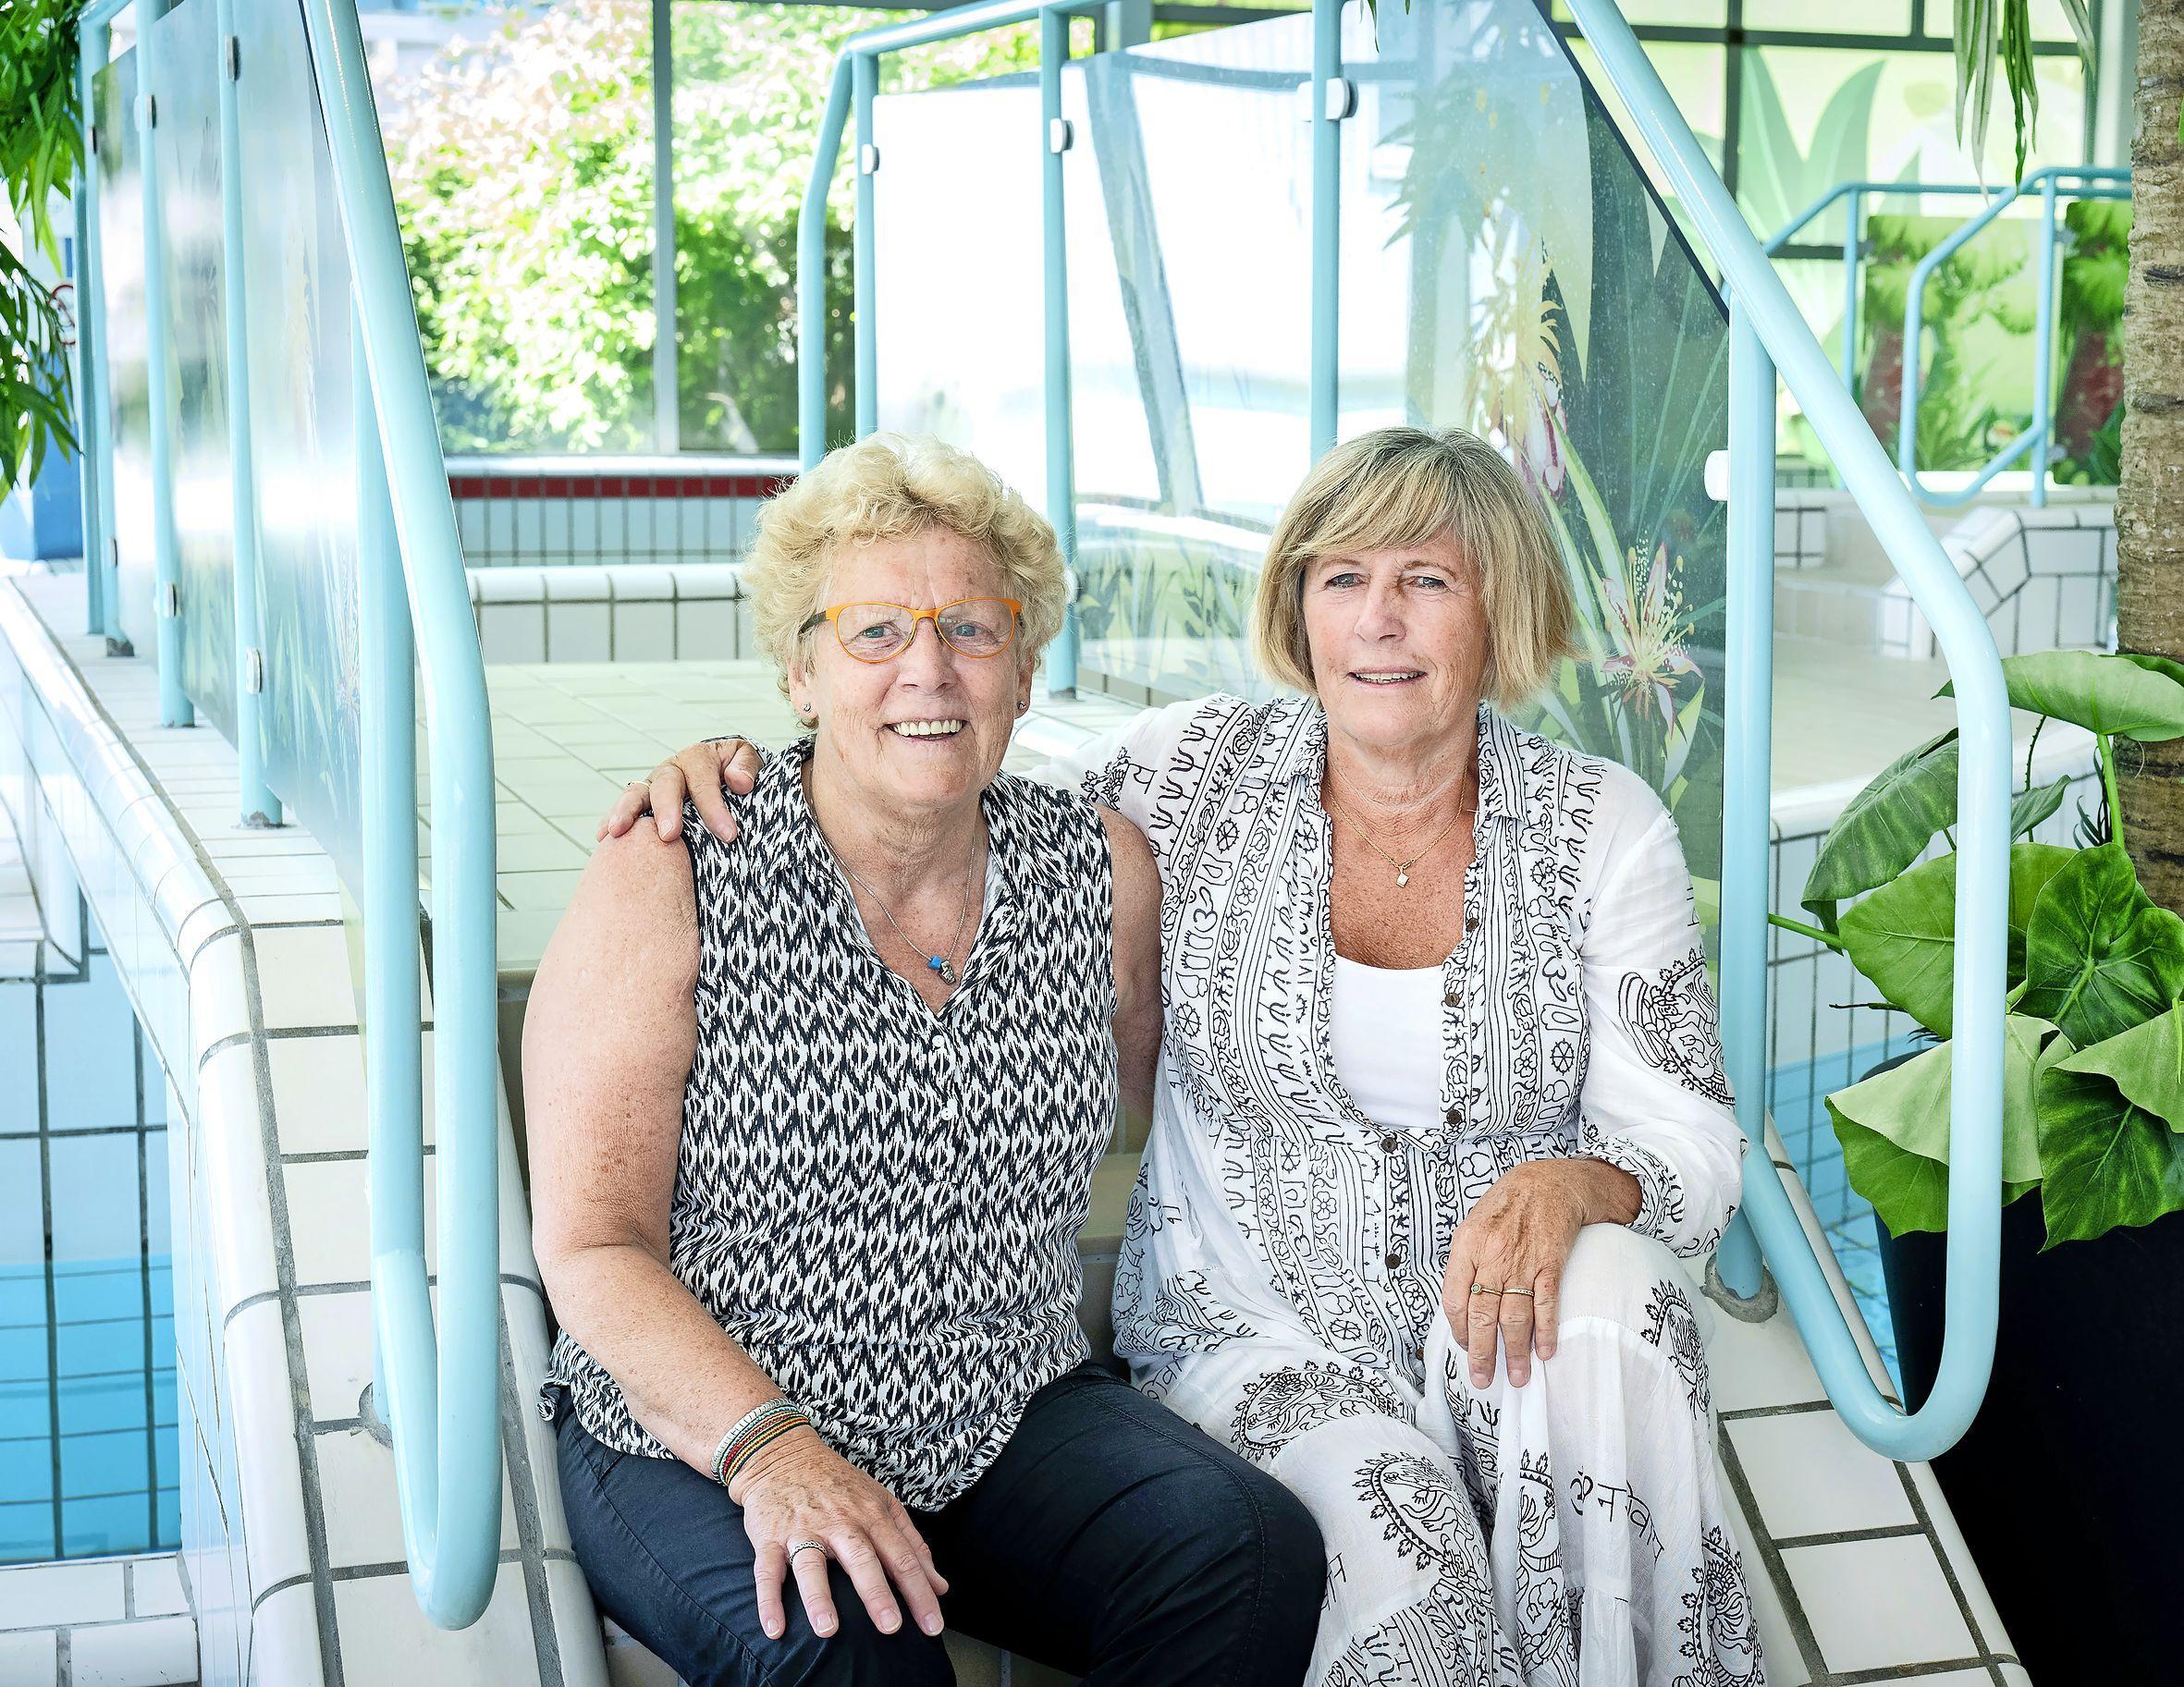 Iconen Sonja Ketting en Ingrid den Hartigh verlaten Haarlemse zwembaden na 49 en 43 jaar